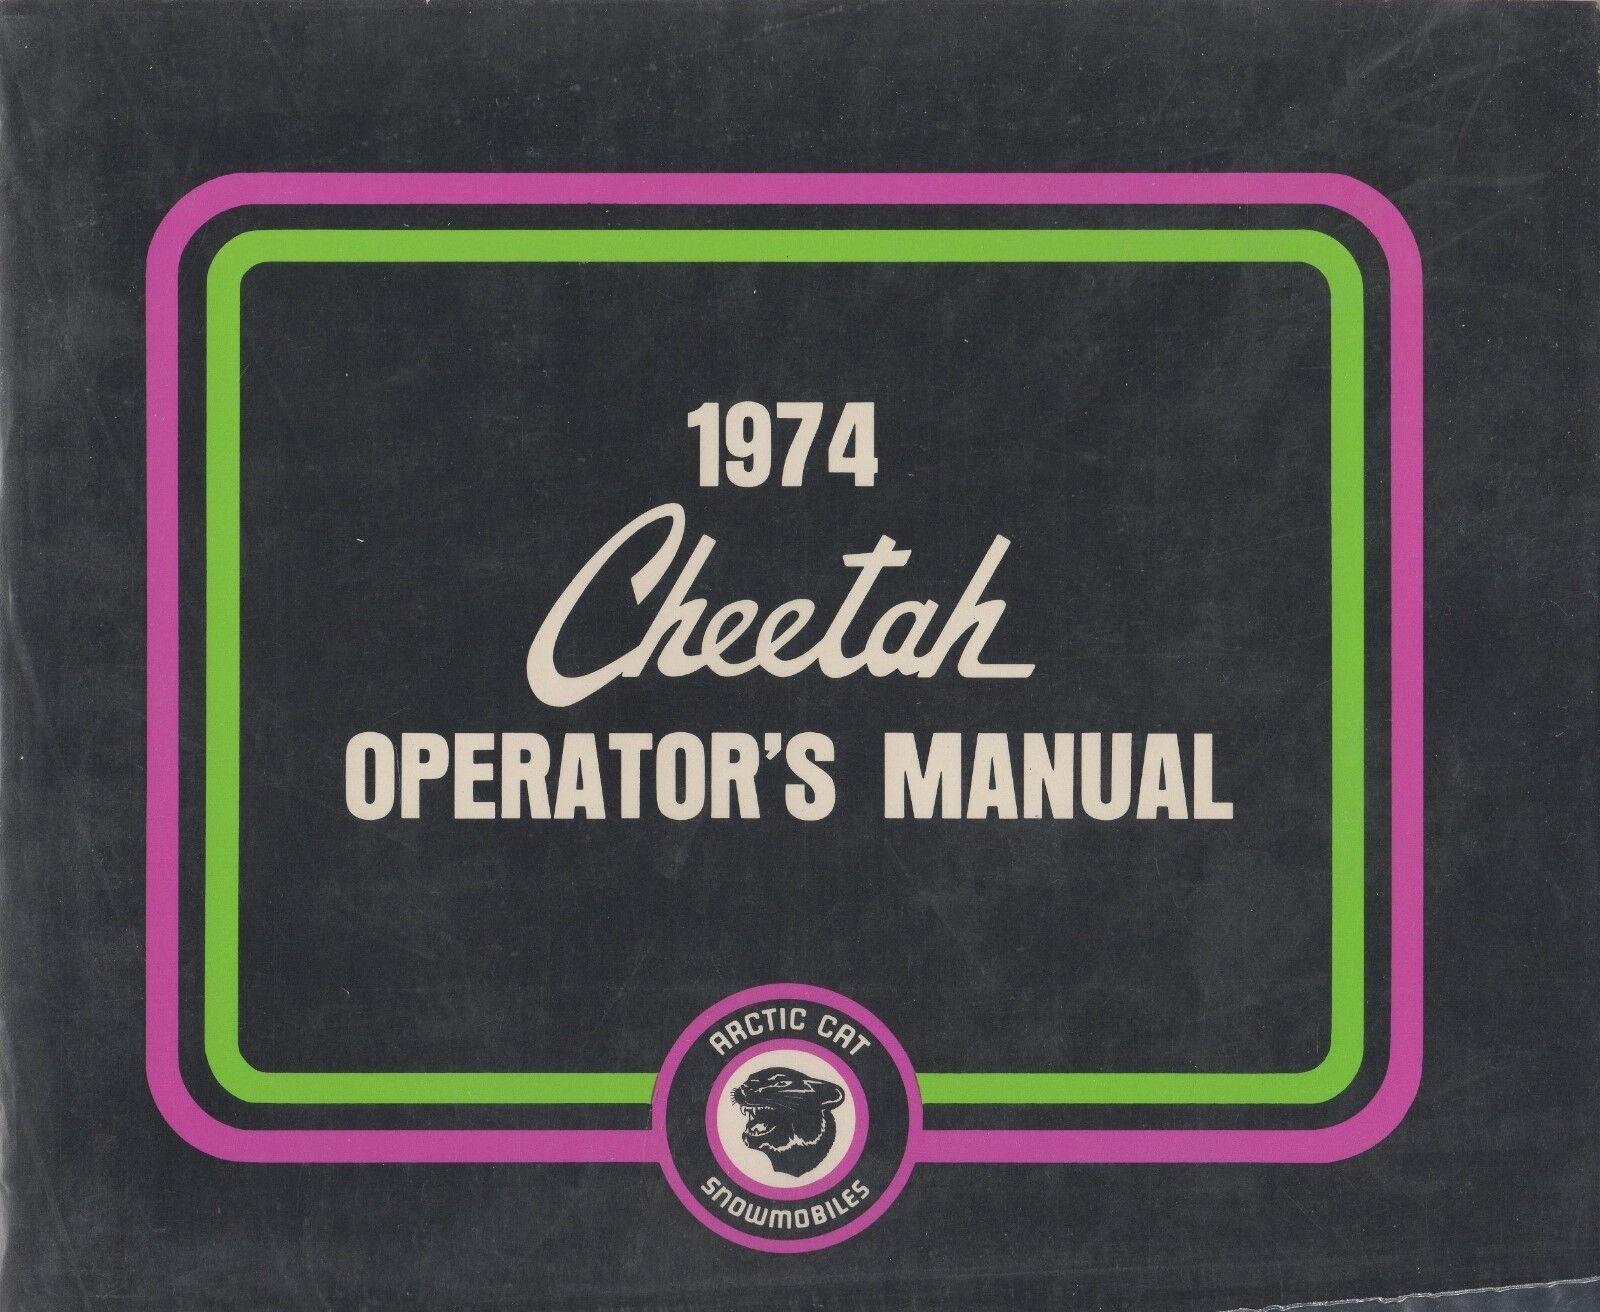 1974 ARCTIC CAT SNOWMOBILE CHEETAH OPERATOR'S MANUAL  P N 2254-020 (168)